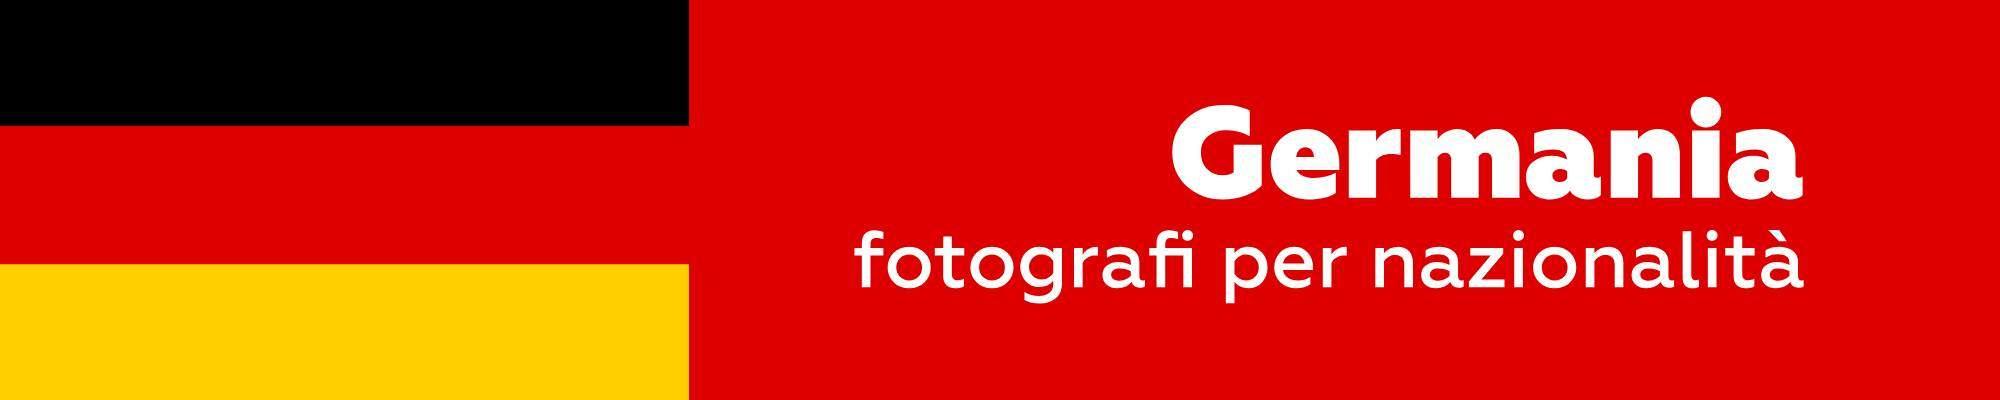 Fotografi famosi tedeschi